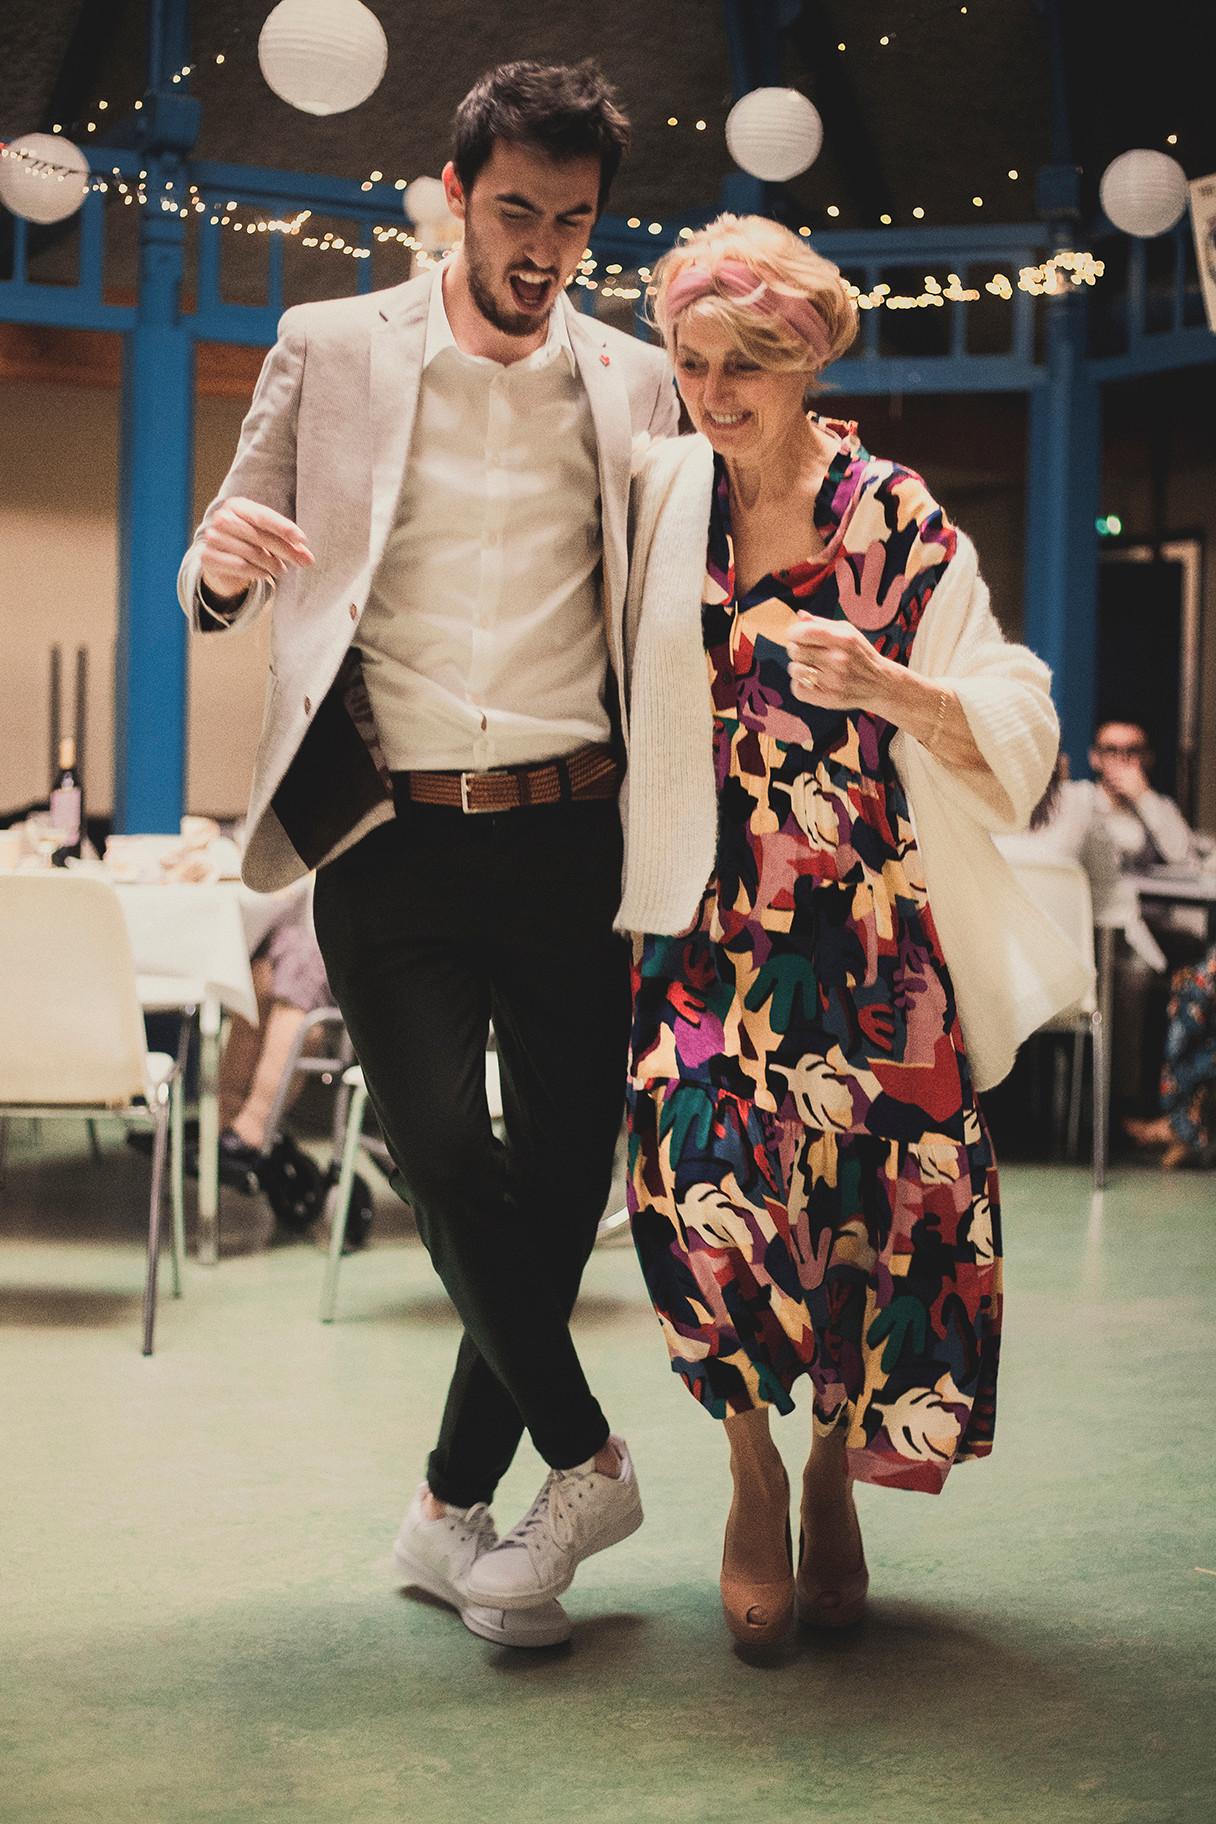 Il adore faire danser sa maman